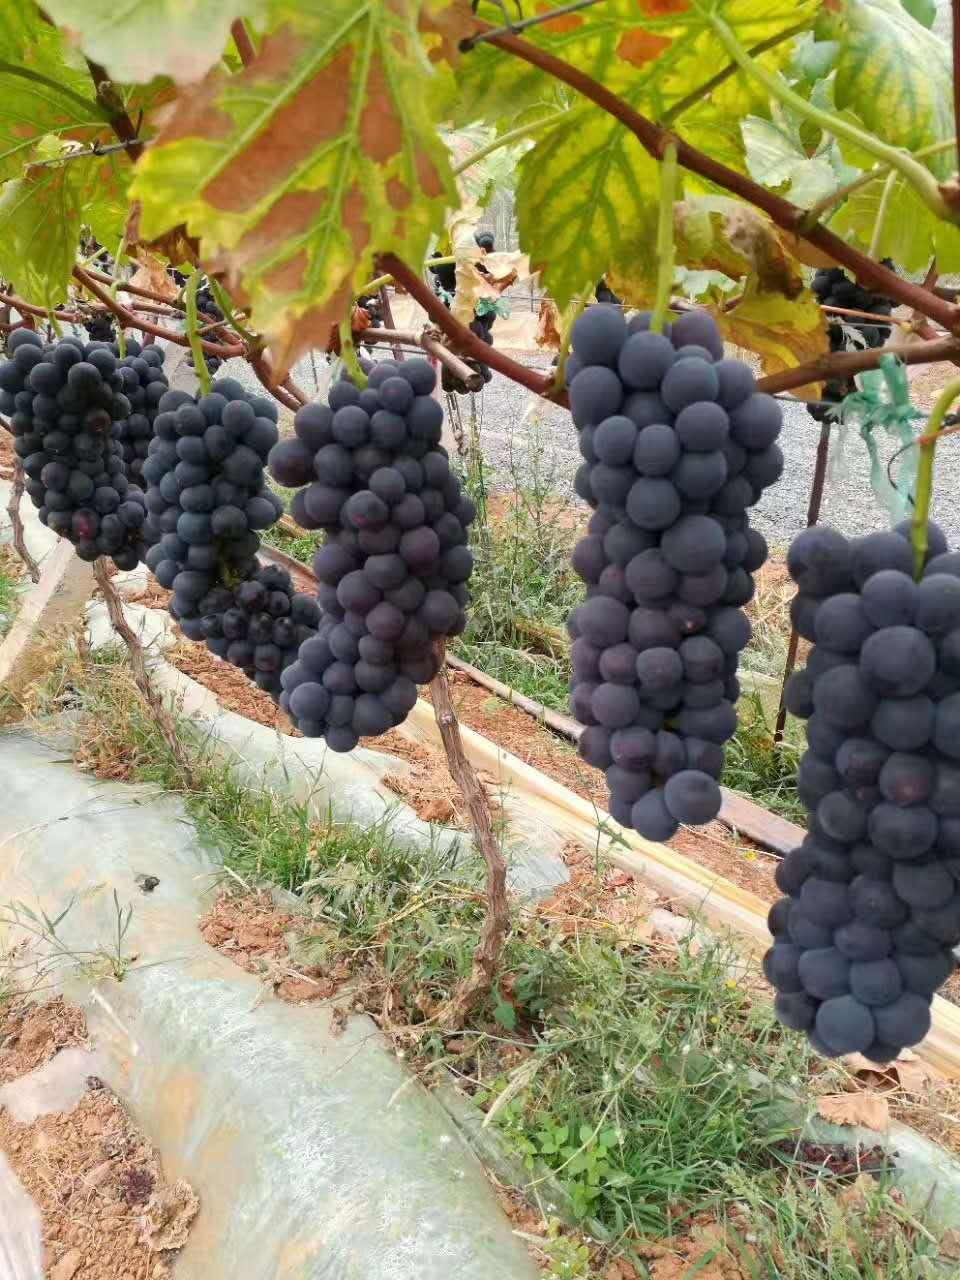 黑白双色地膜-黔南布依族苗族自治州有信誉度的葡萄专用地膜提供商